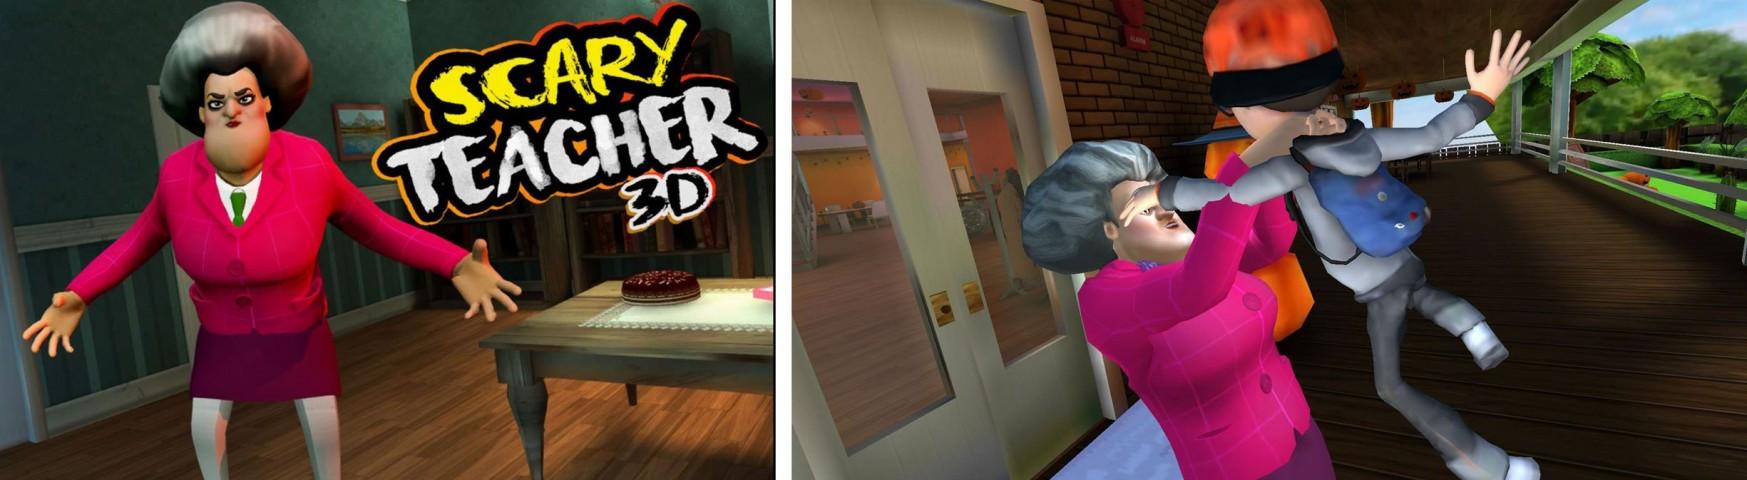 scary-teacher-3d-apk.jpg